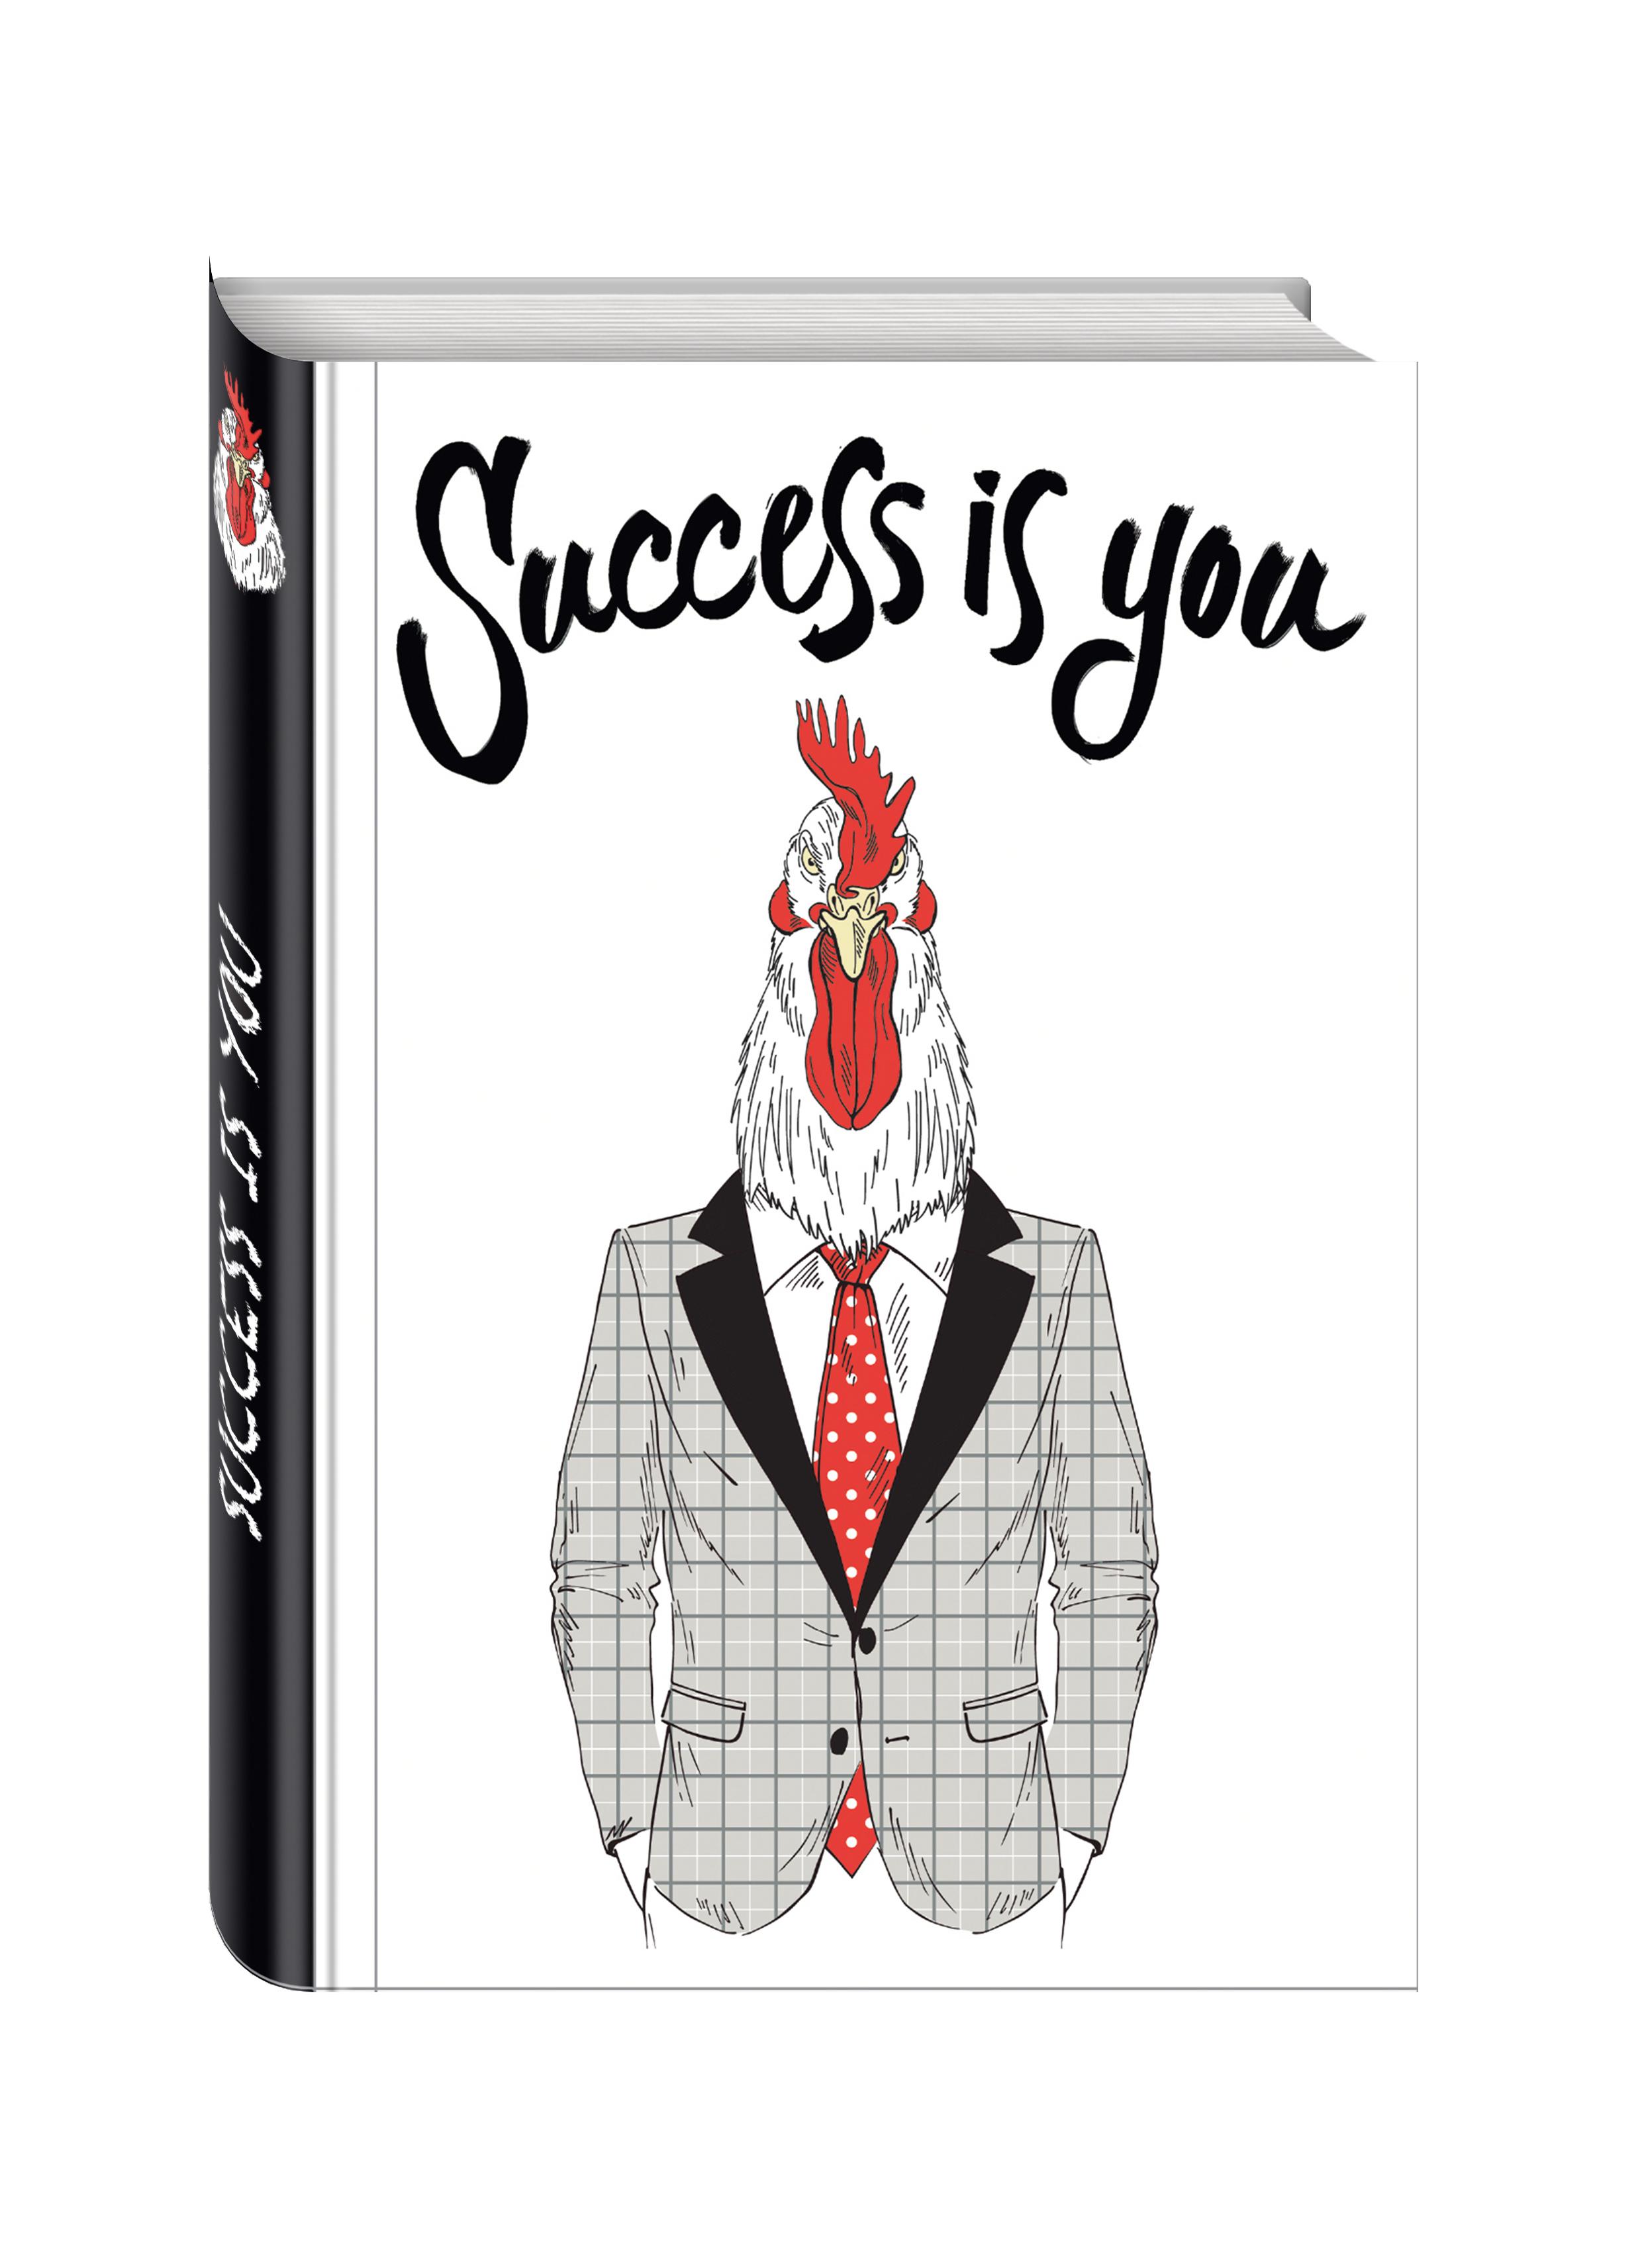 Success is you (Блокнот для хипстеров) (твердый переплет, 136х206 мм) антихайп красный блокнот твердый переплет 160x243